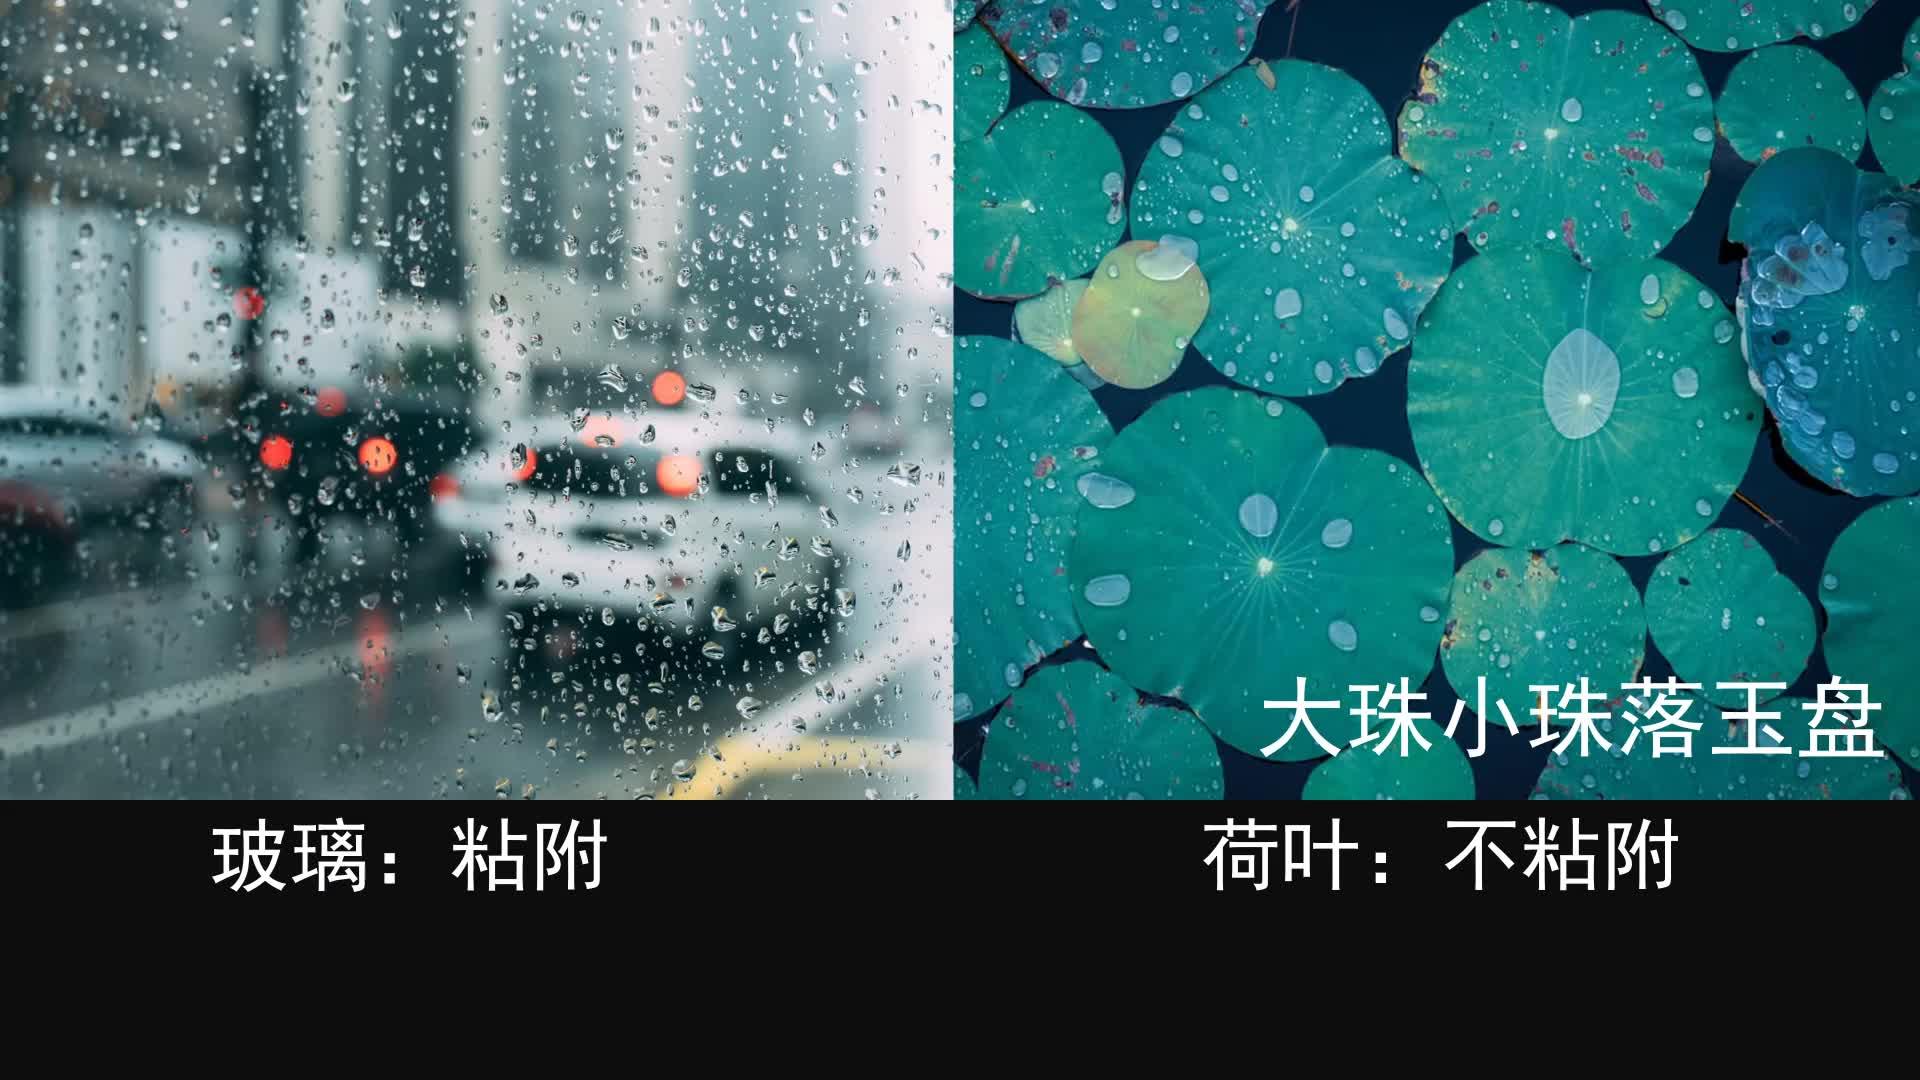 【CC讲坛-科技】李会增:未来,让每一滴水都能跳着芭蕾来发电